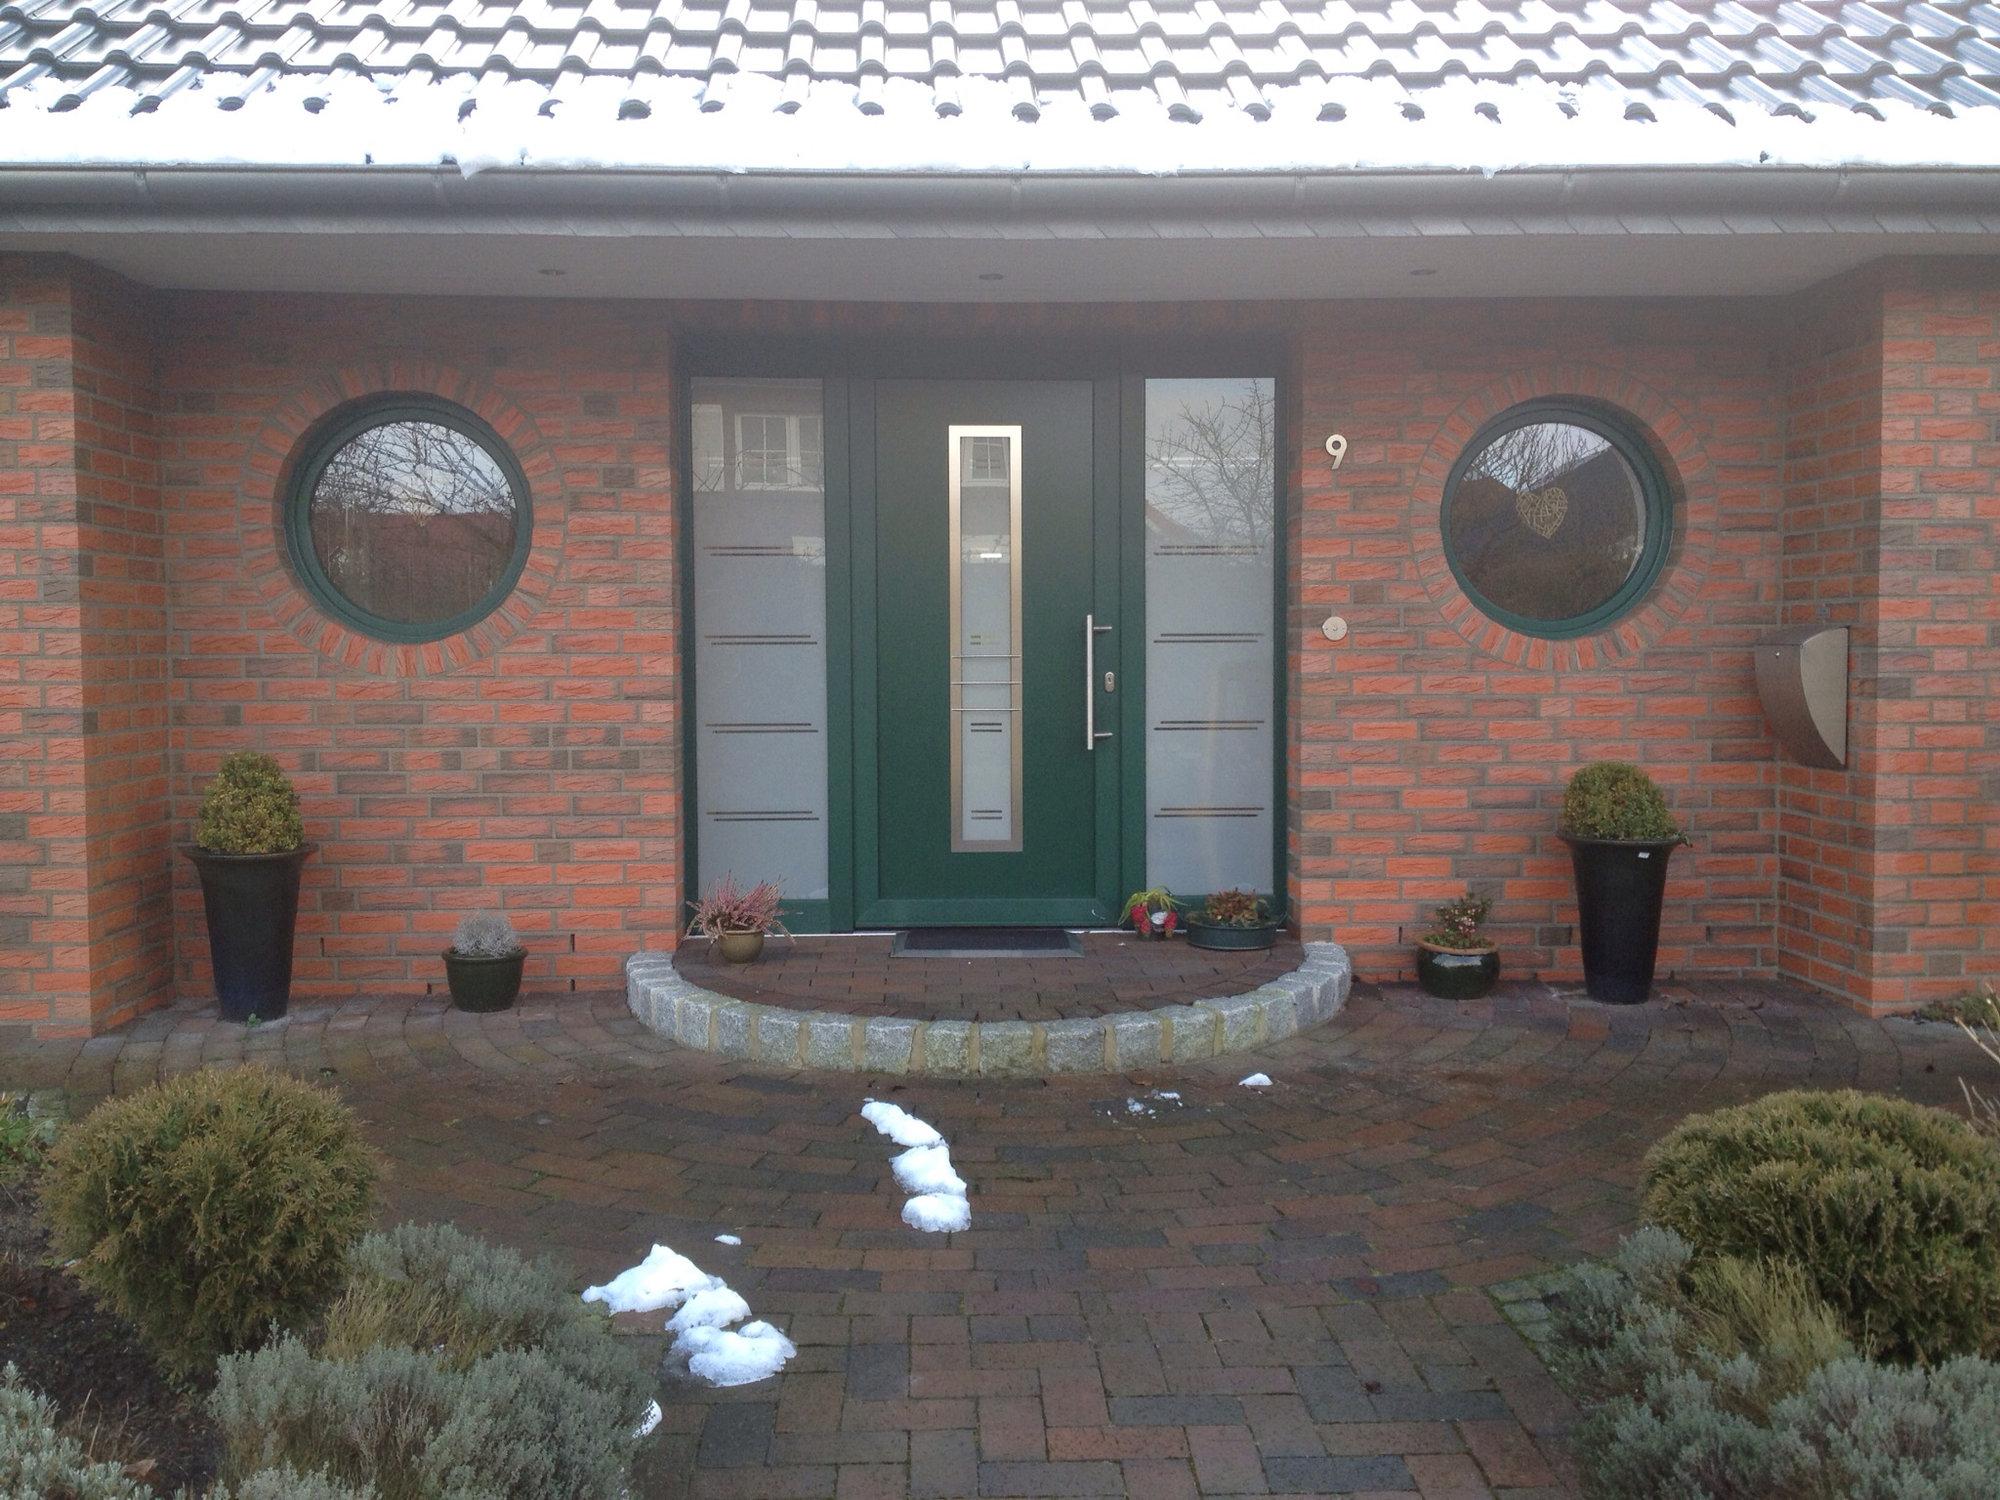 Haustüren mit seitenteil links  Kunststoff Haustür